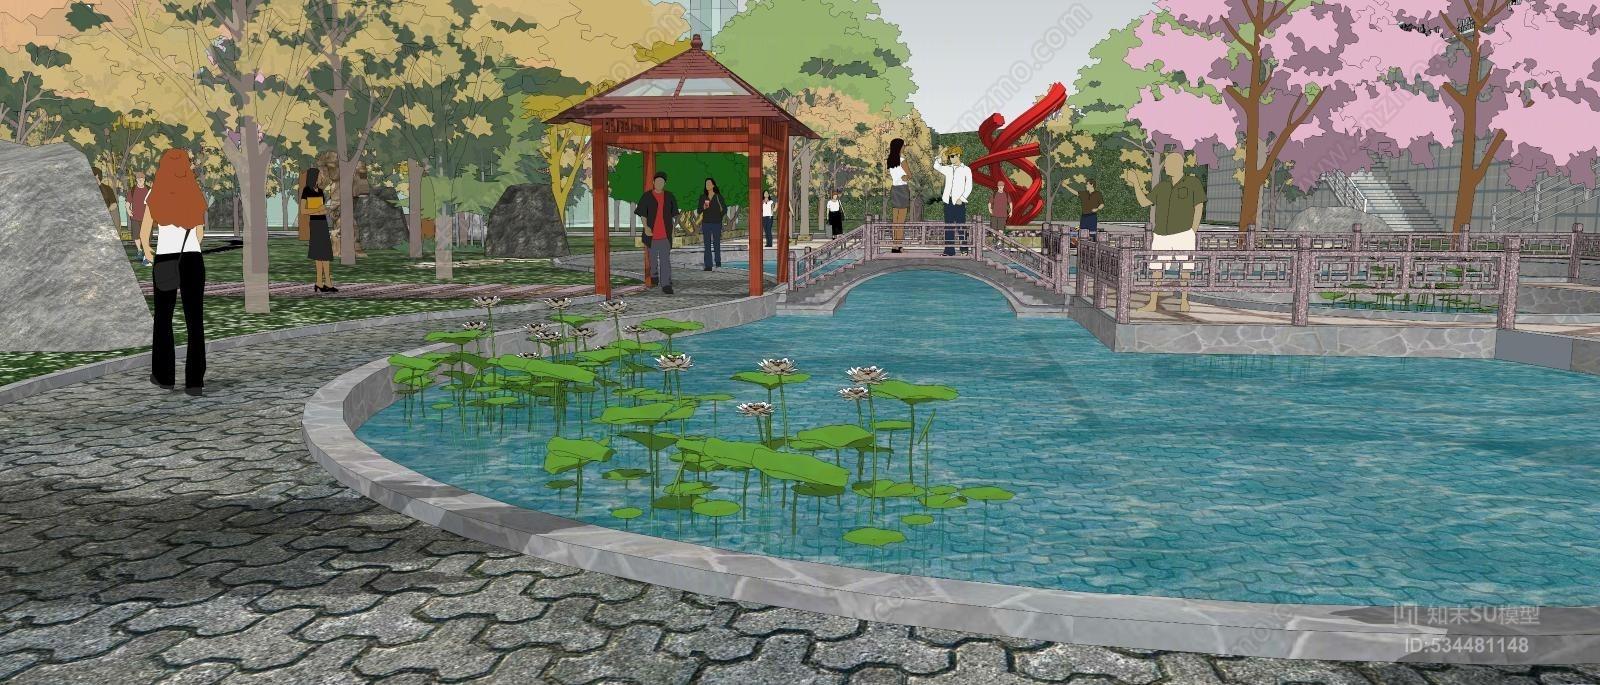 大型社区公园喷泉亭台精美模型